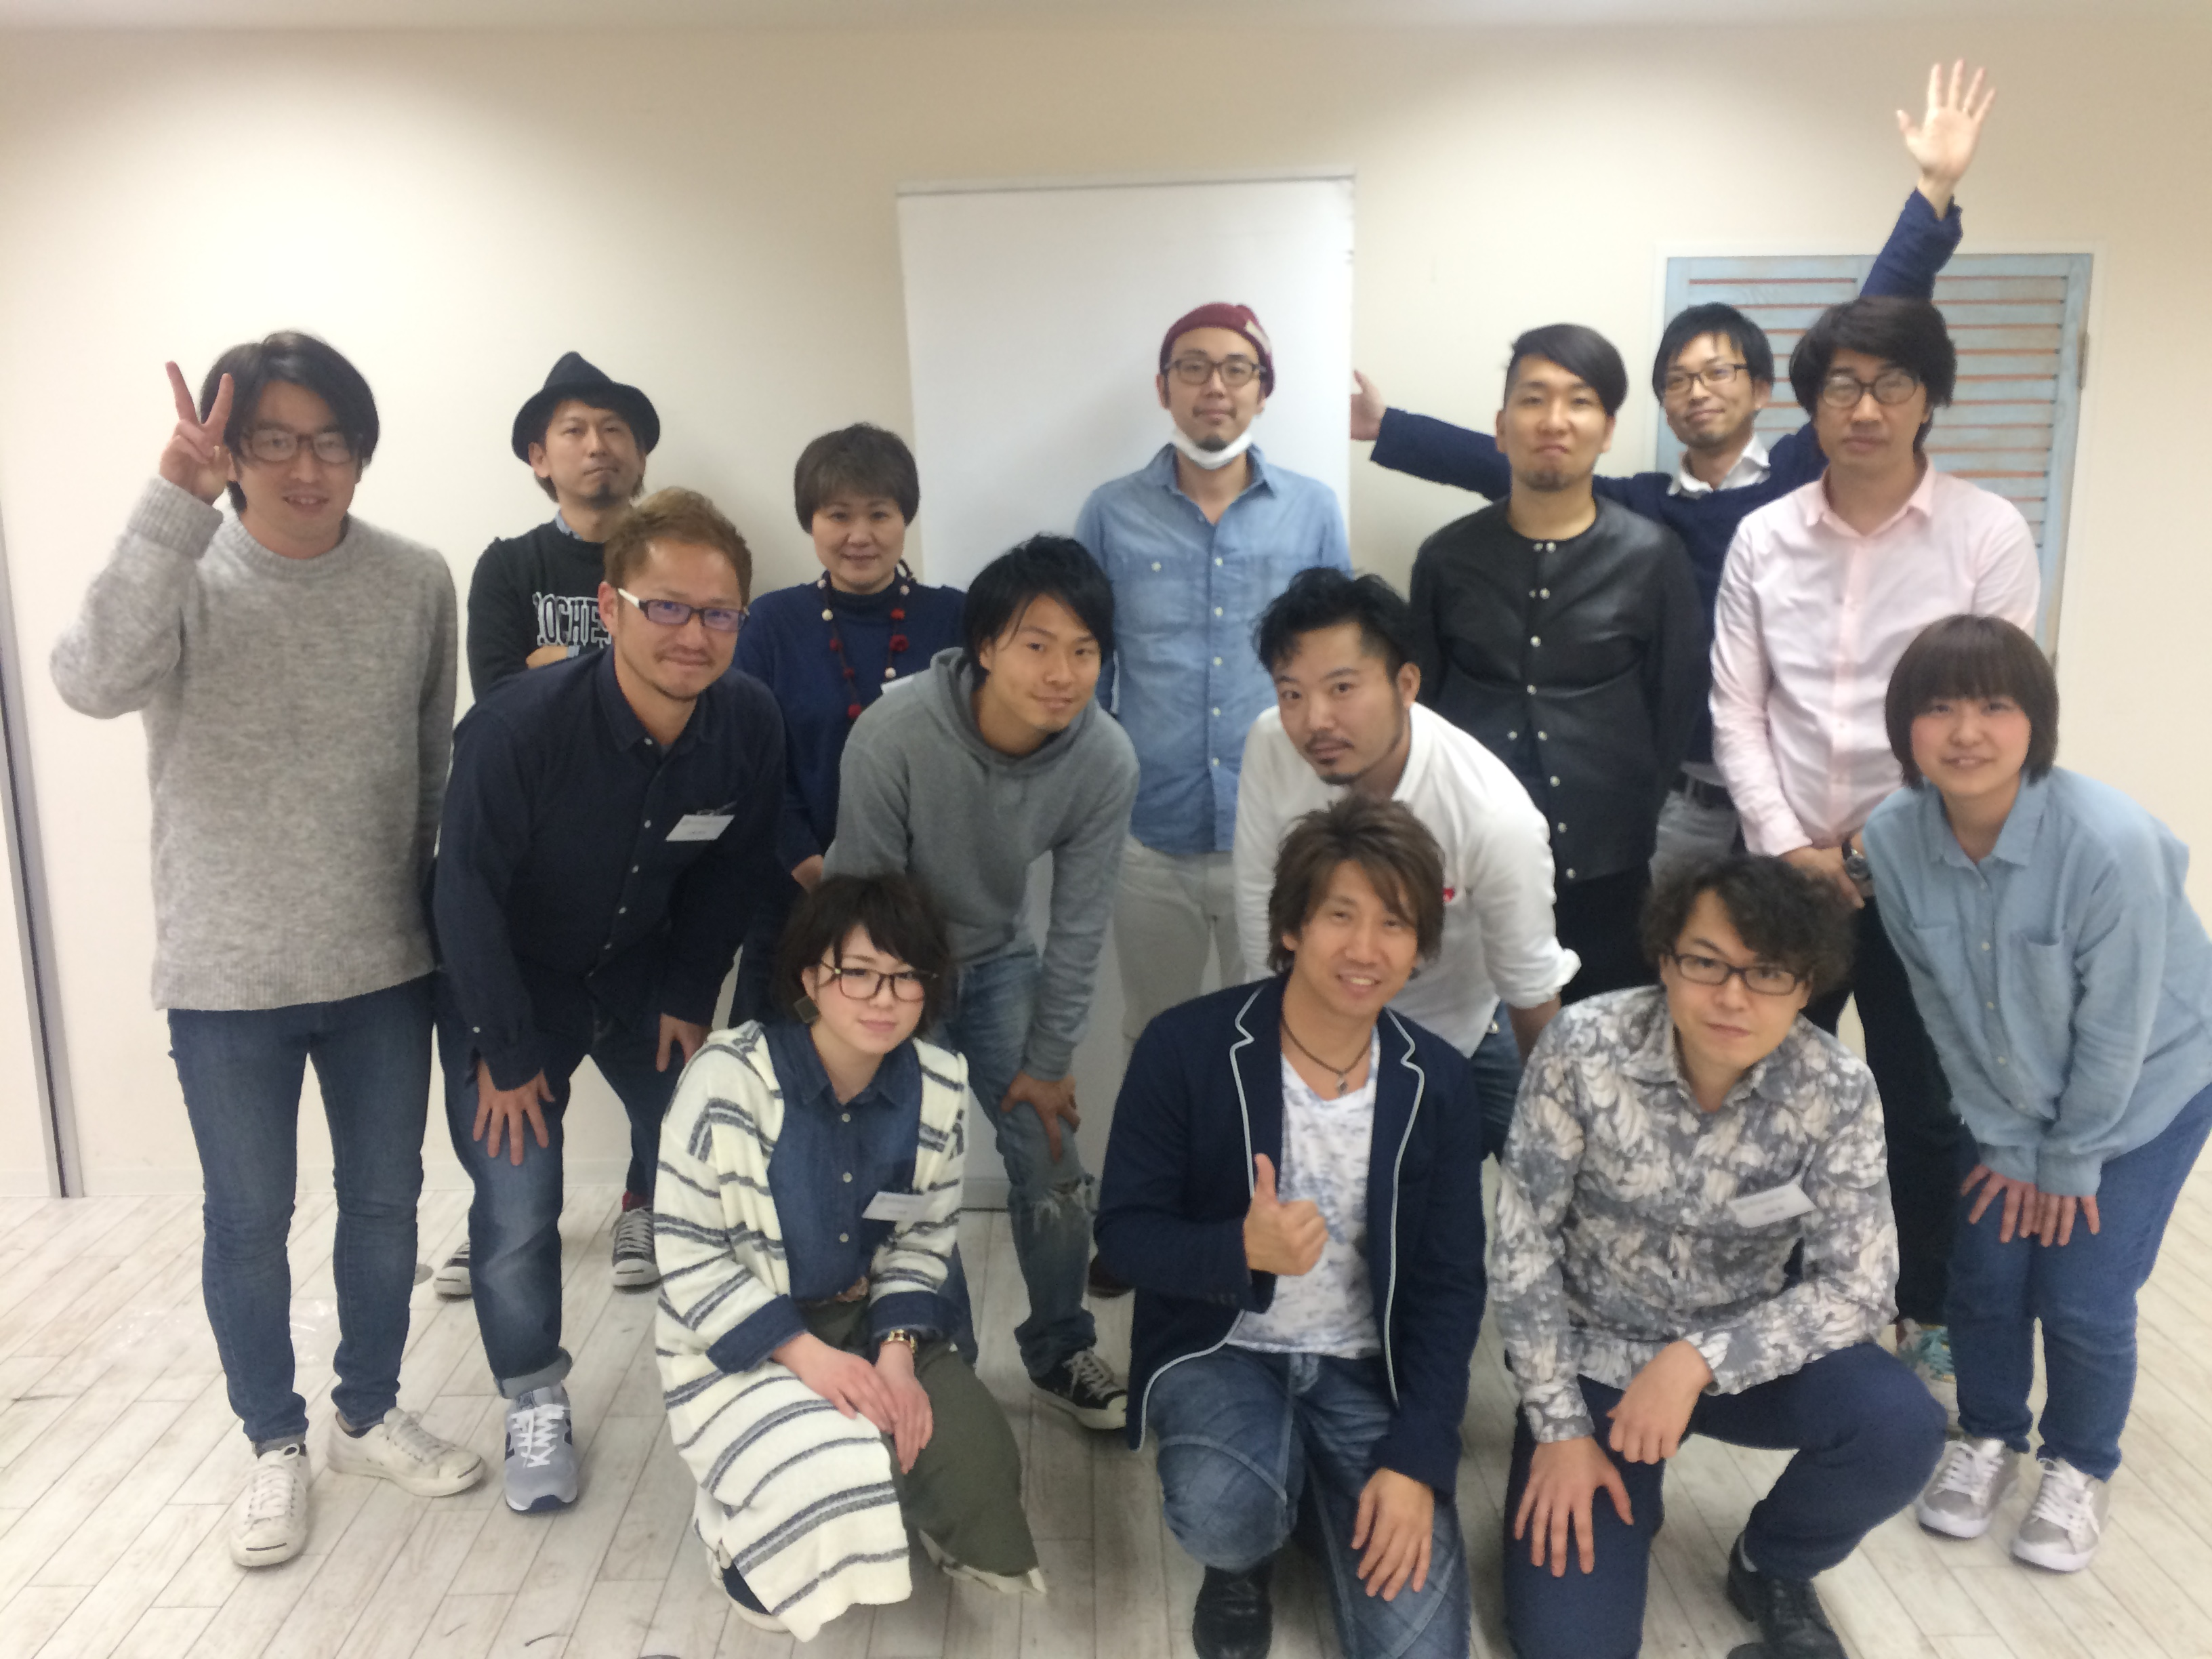 写真:ステップボーンカット東京 基礎認定コース 終了しました!